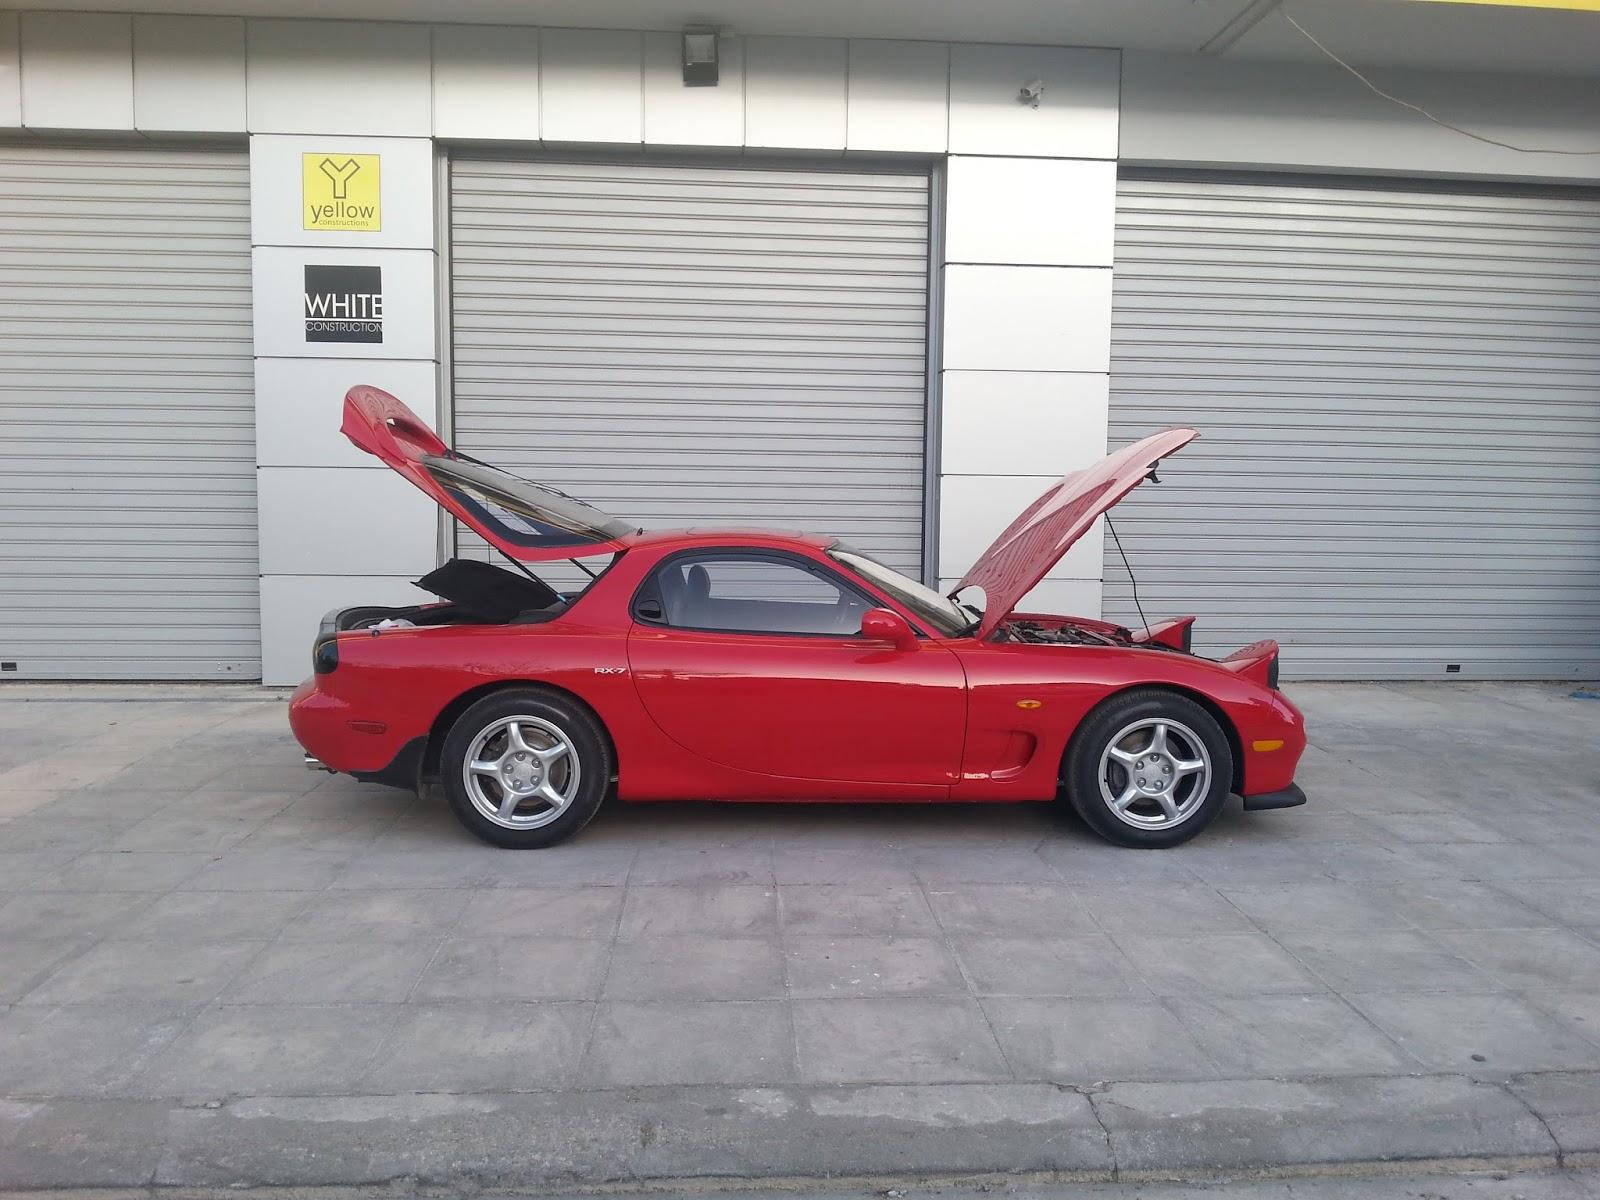 12 Όταν οδήγησα ένα καινούριο Mazda RX-7 Mazda, Mazda RX-7, TEST, zblog, αυτοκίνητα, ΔΟΚΙΜΕΣ, καινούρια, μεταχειρισμένα, οδηγούμε